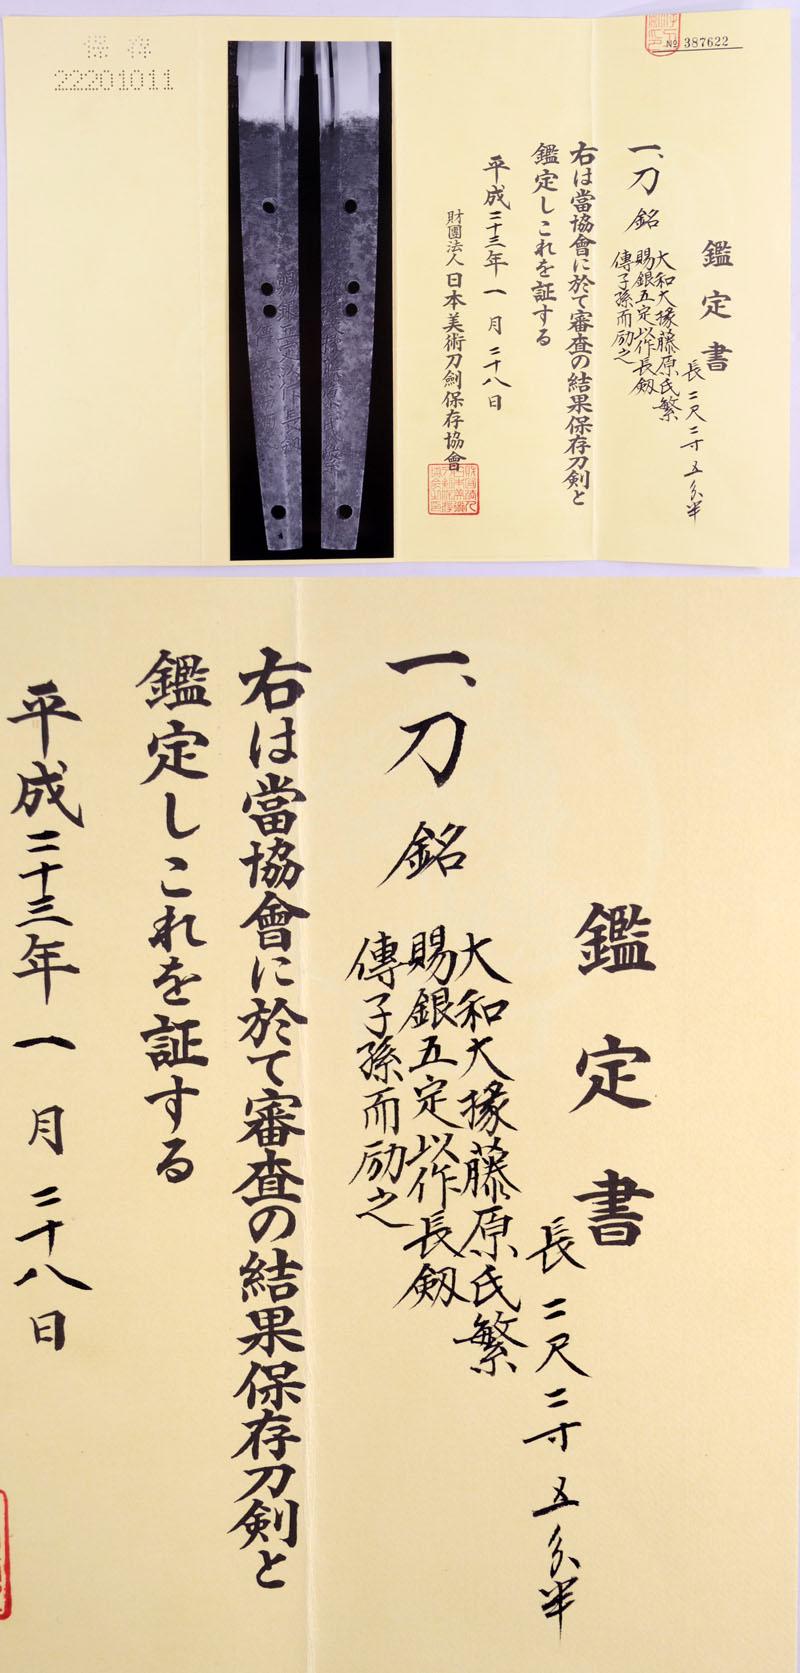 大和大掾藤原氏繁 Picture of Certificate